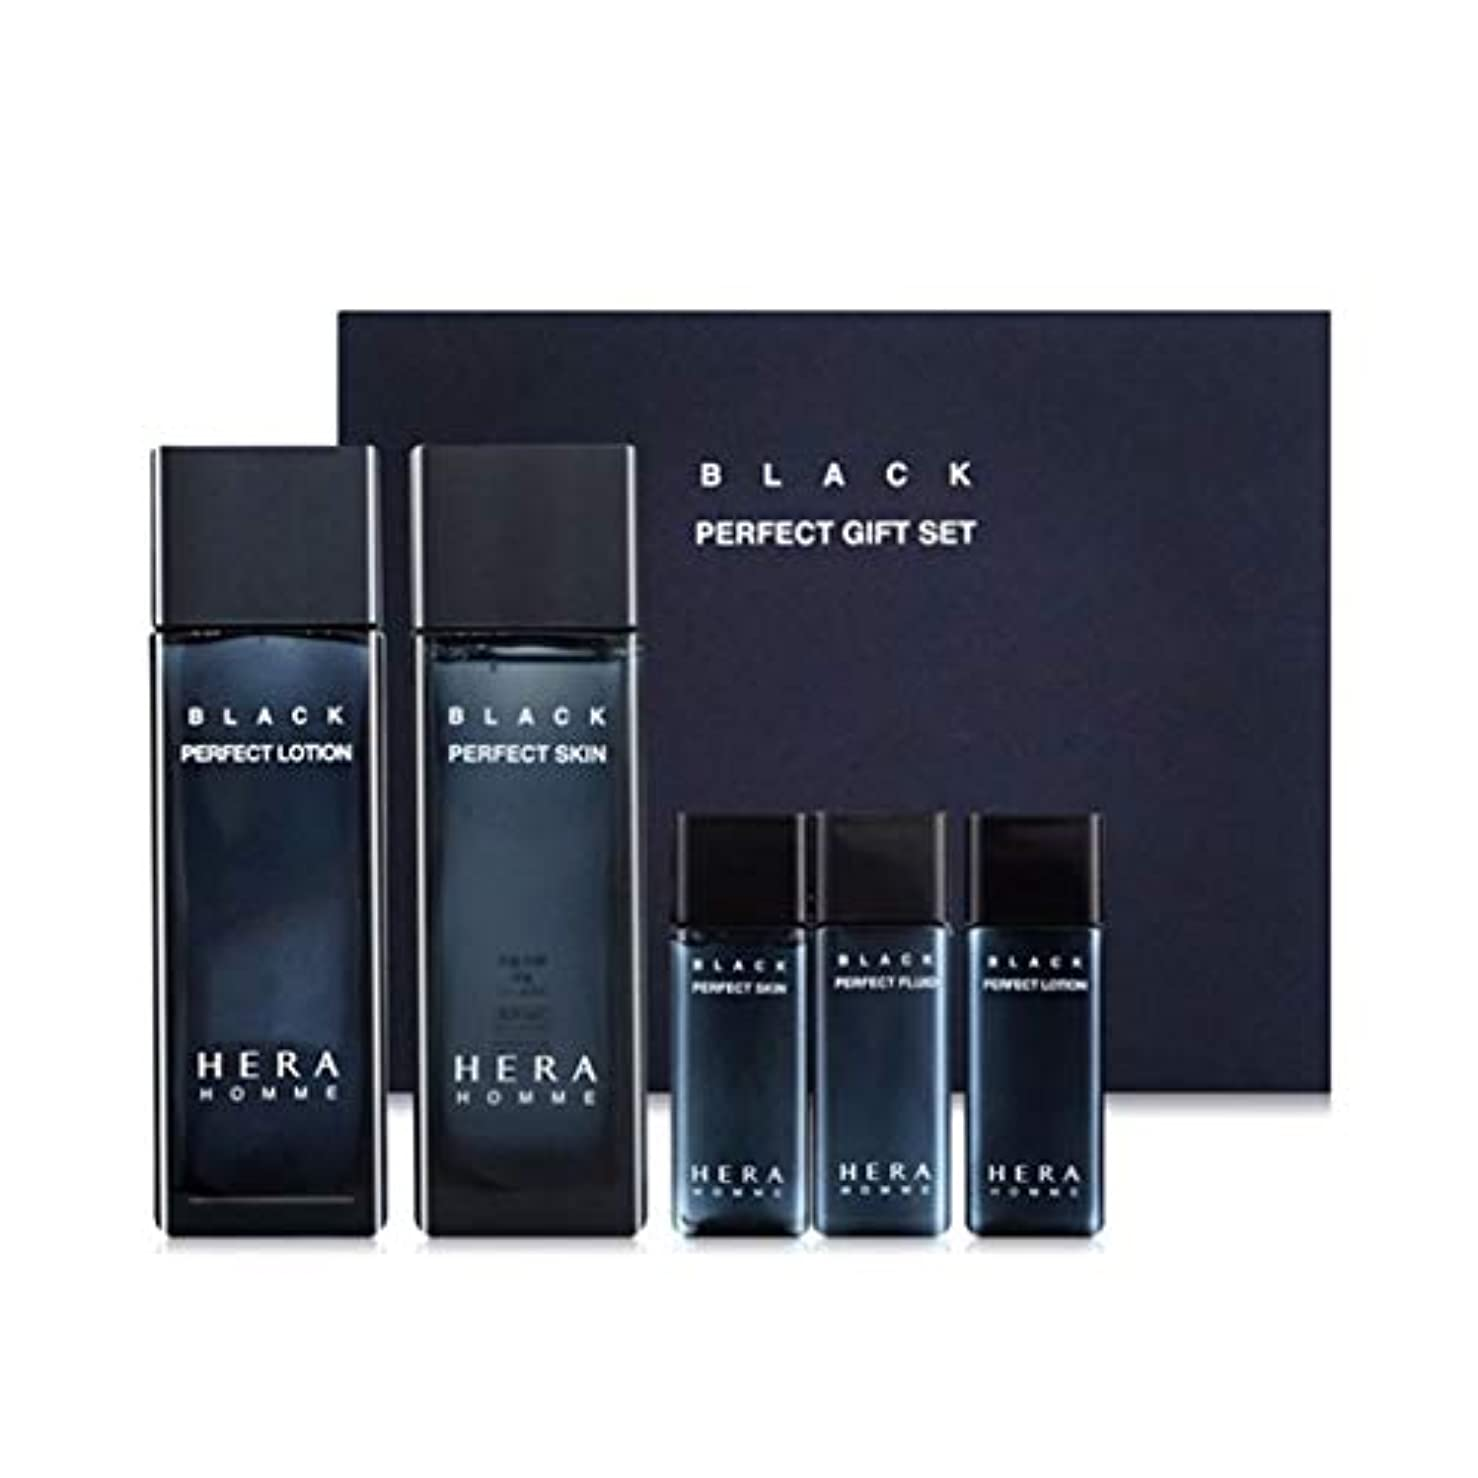 知事アーク内陸ヘラオムブラックパーフェクトスキンローションセットメンズコスメ韓国コスメ、Hera Homme Black Perfect Skin Lotion Set Men's Cosmetics Korean Cosmetics [並行輸入品]